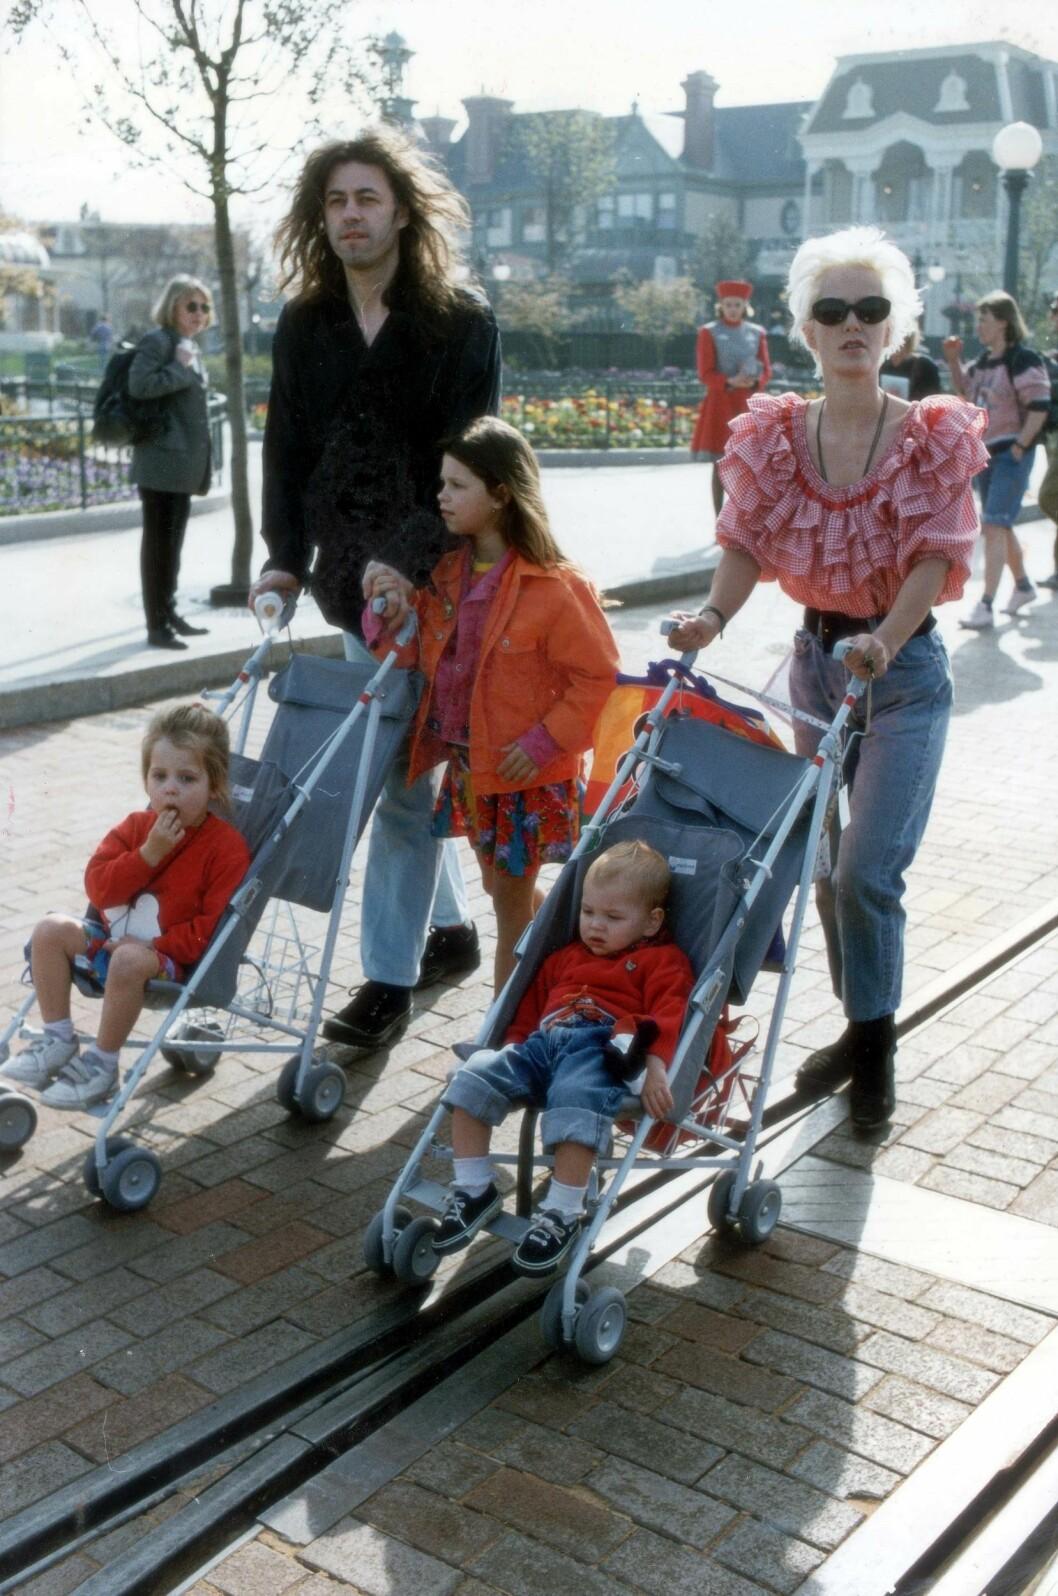 MYE SORG: 14 år etter at moren Paula Yates døde av en heroinoverdose, led Peaches (i vogna til venstre) samme skjebne. Her er Bob og Paula med sine tre felles barn i Euro Disney mens de fremdeles var gift.  Foto: All Over Press